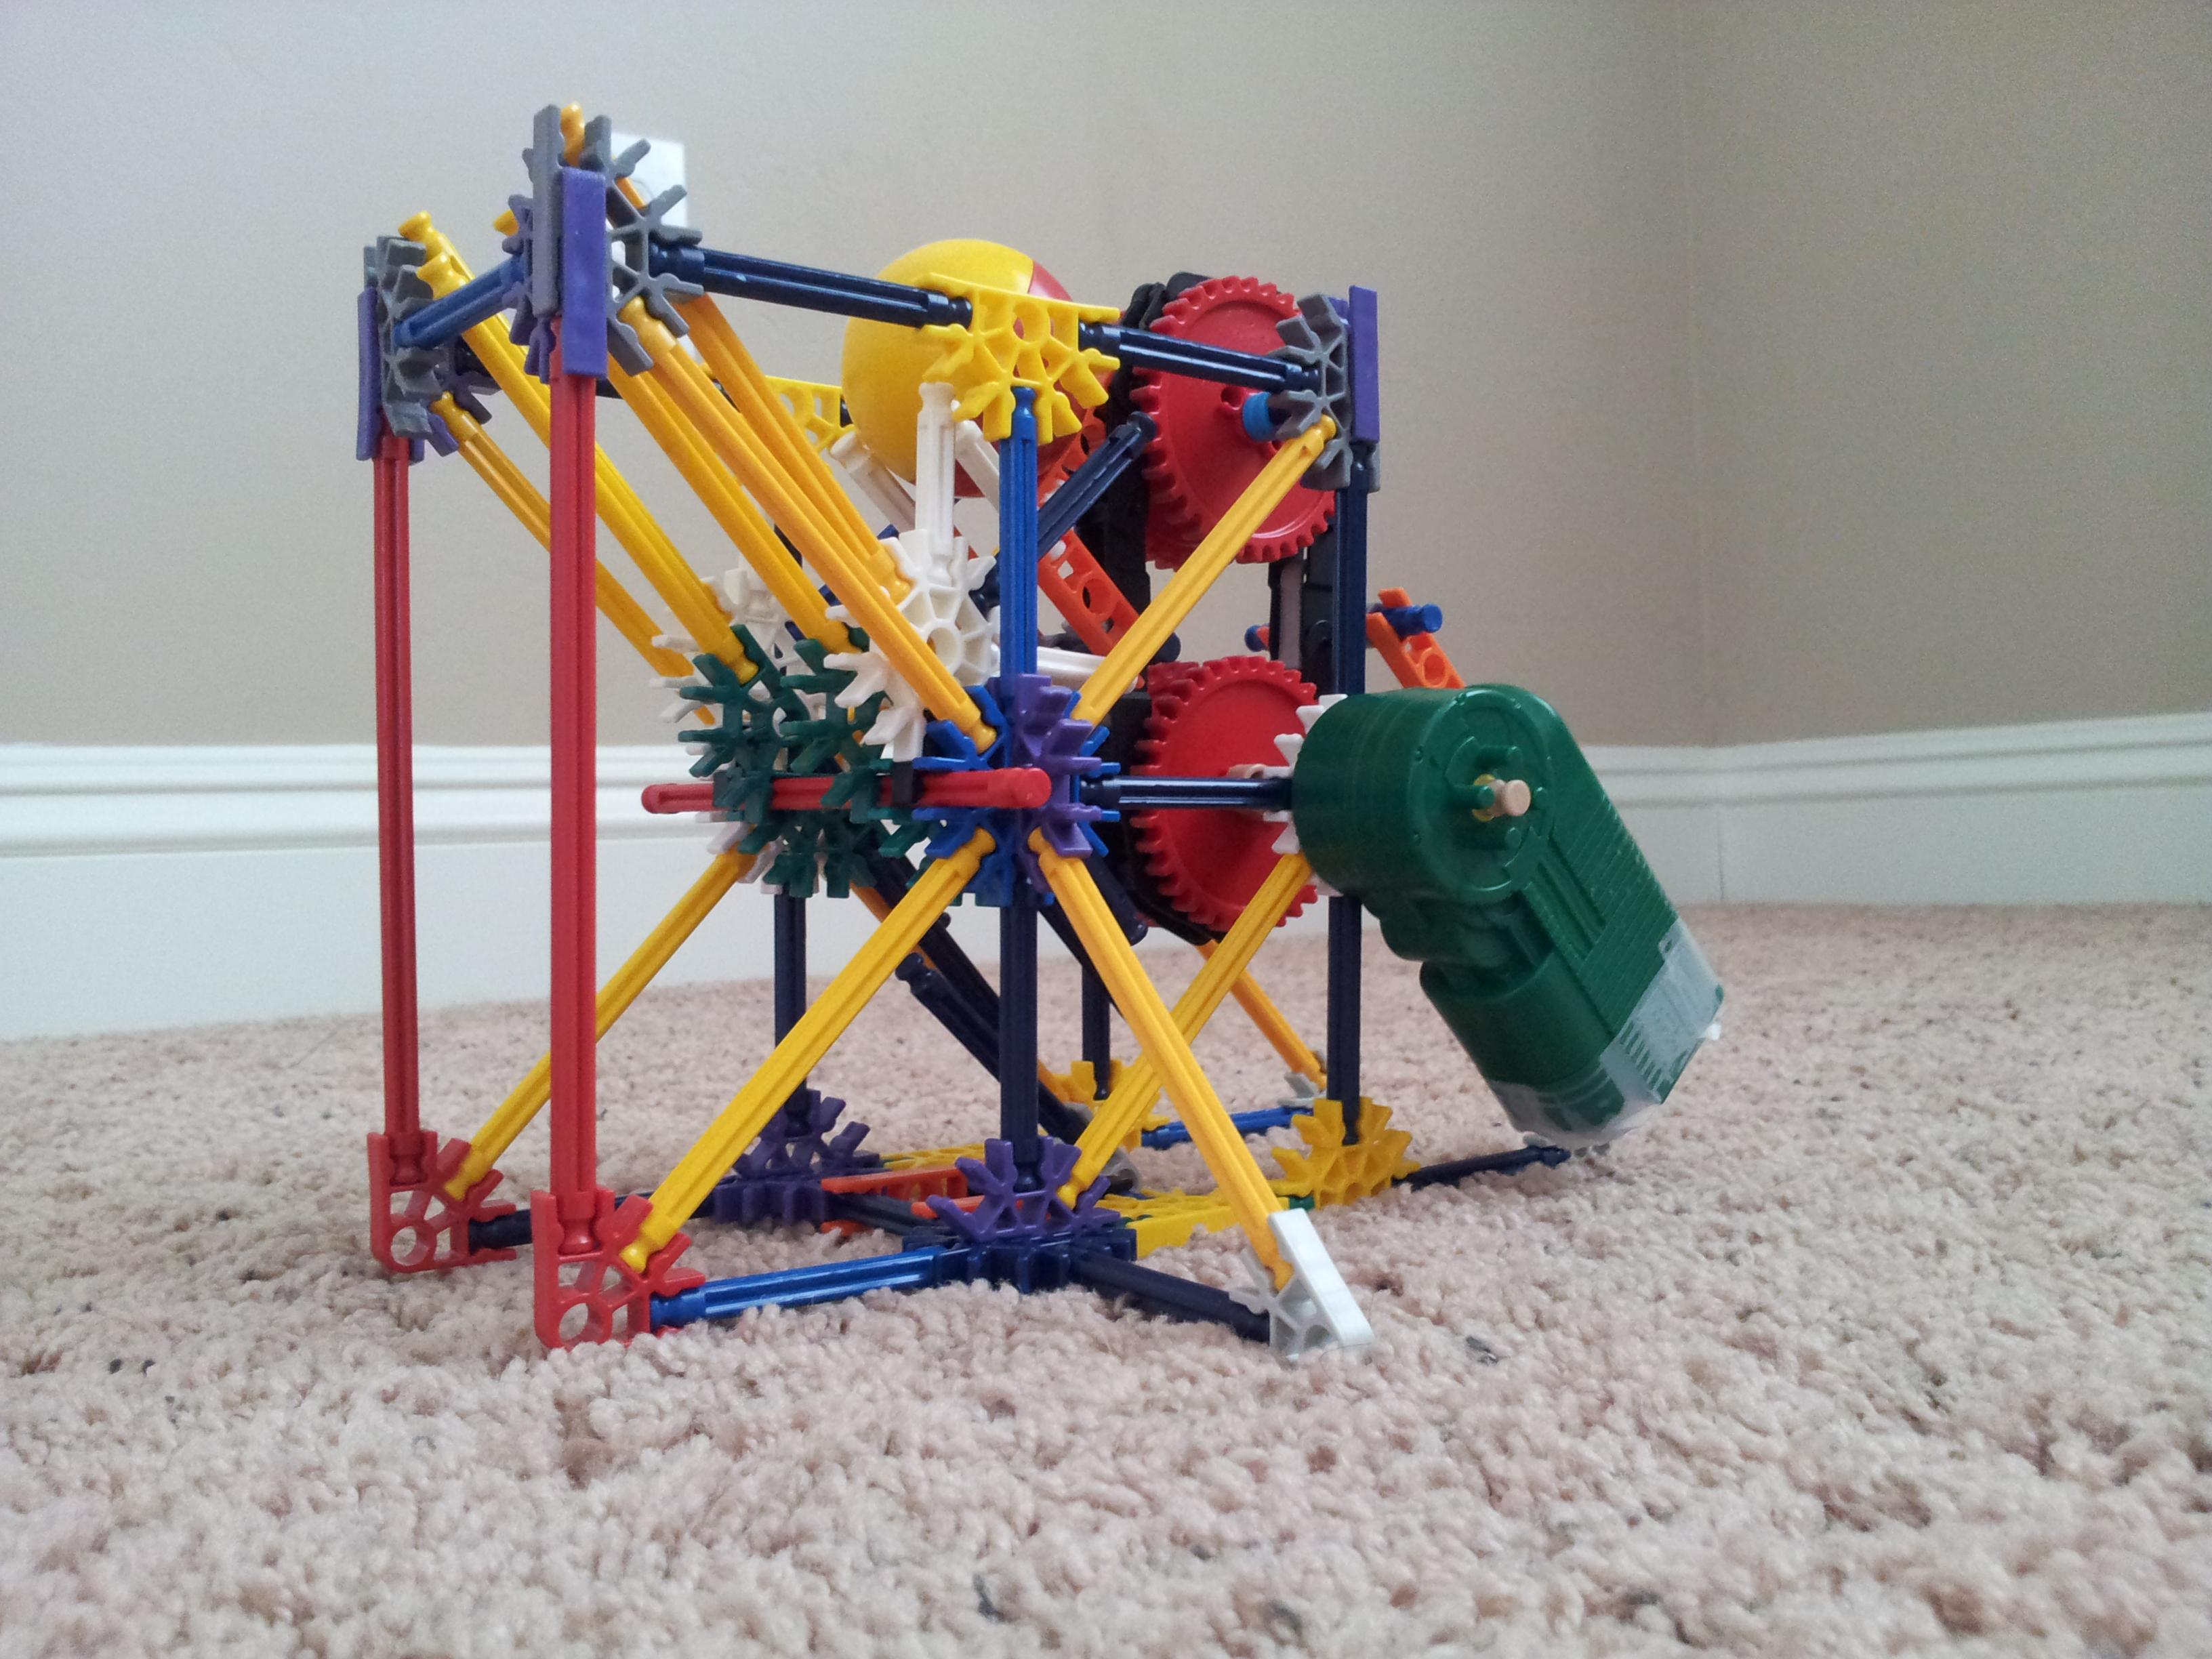 Hof- the tiny knex ball machine